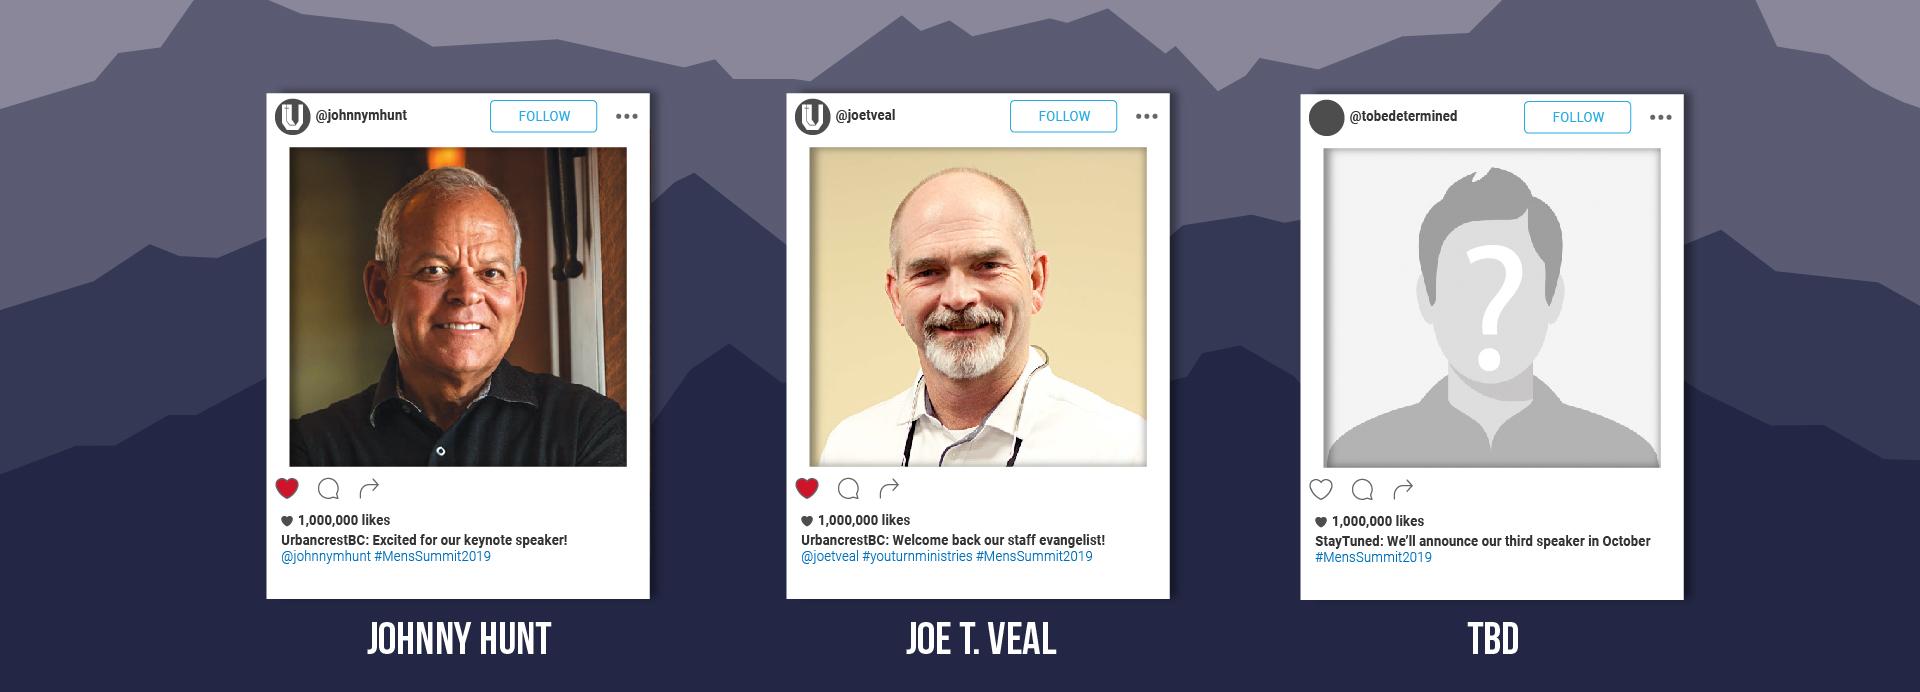 Men's Summit 2019 Speakers: Johnny Hunt, Speaker 2, Speaker 3